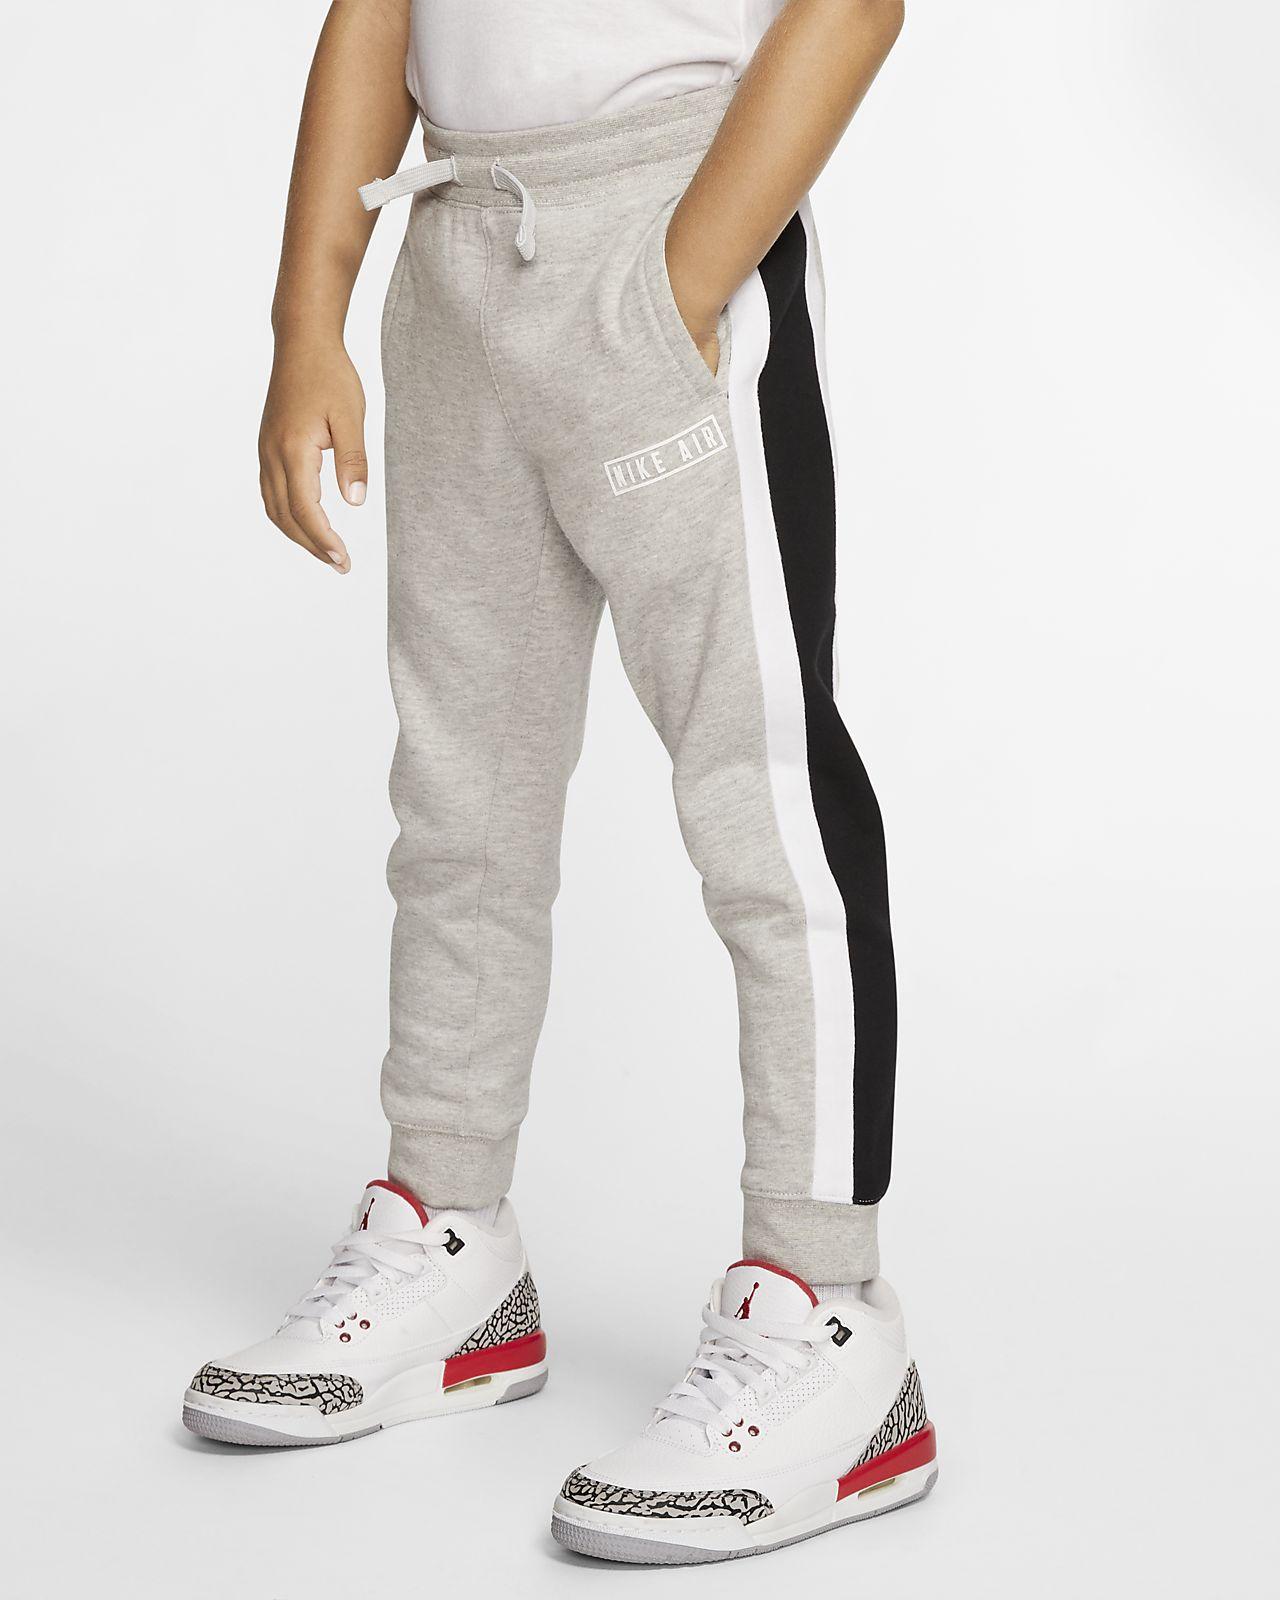 Φλις παντελόνι φόρμας Nike Air για μικρά παιδιά